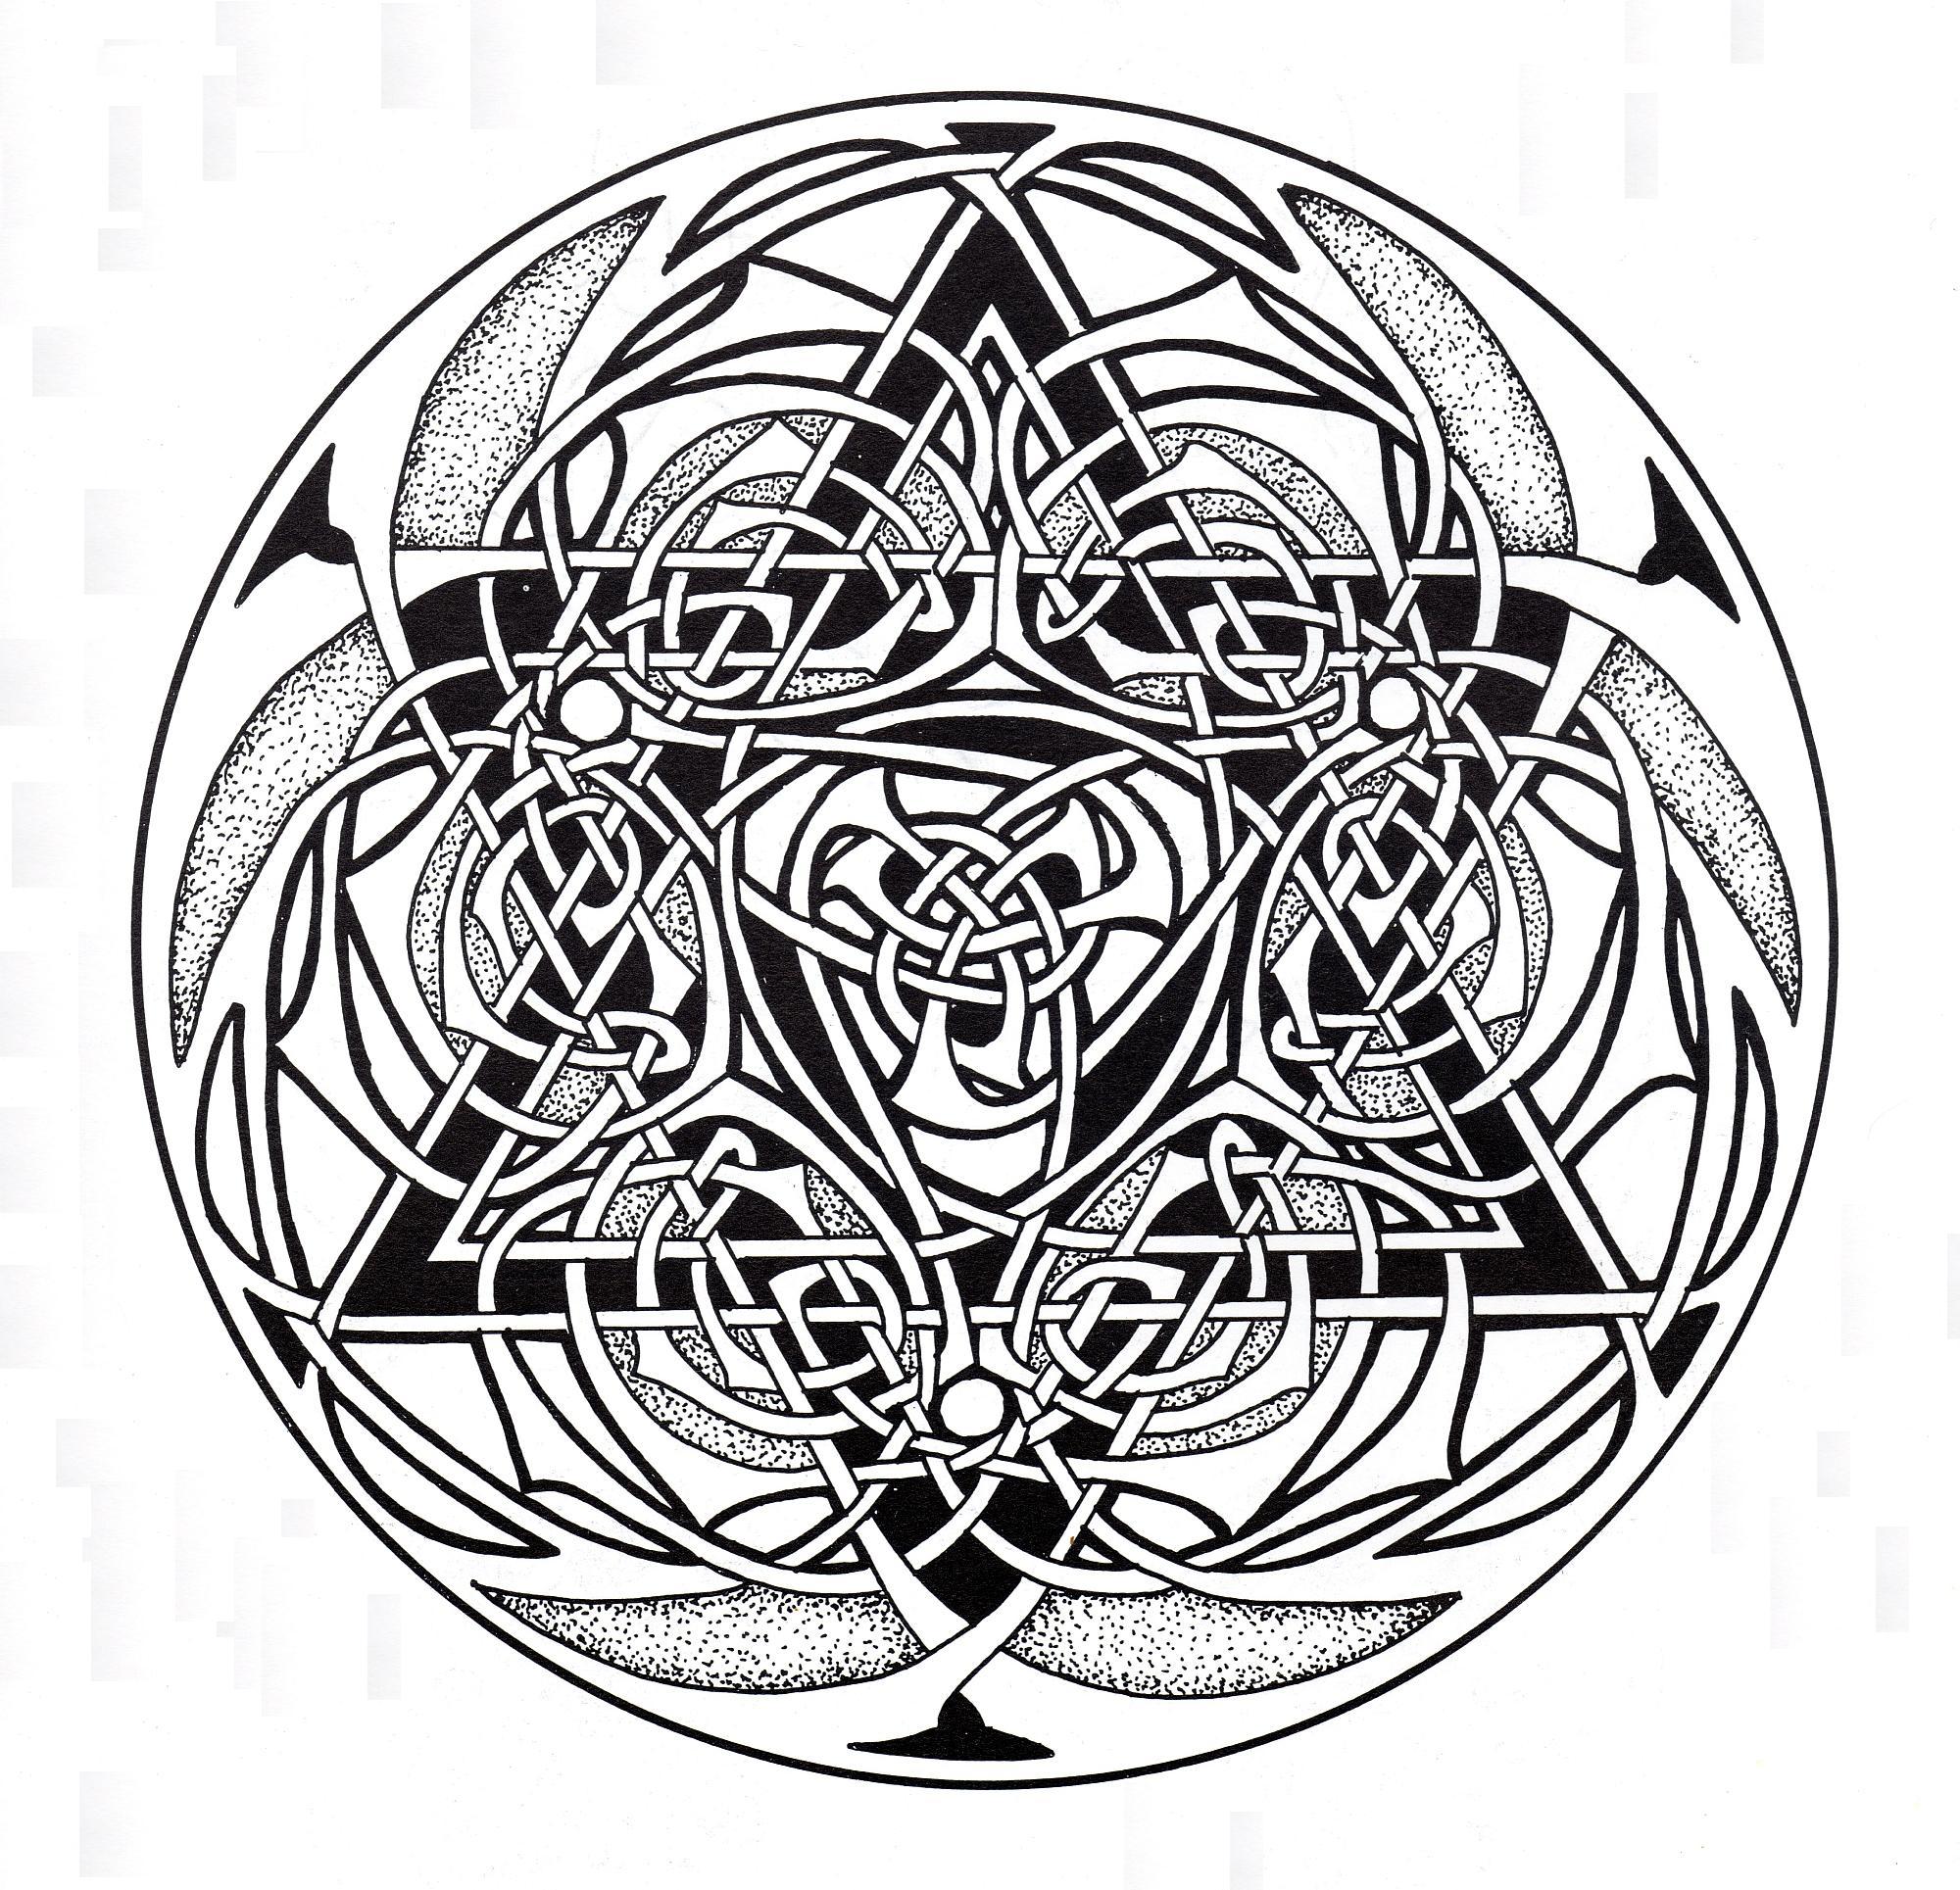 Coloriage Anti Stress Celtique.Mandala Art Celtique 9 Mandalas Avec Motifs Geometriques